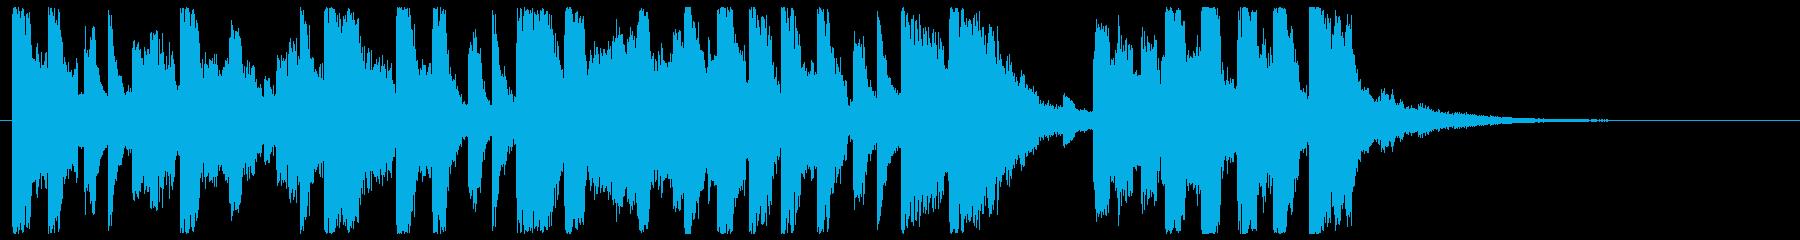 15秒の爽快なフューチャーベースジングルの再生済みの波形